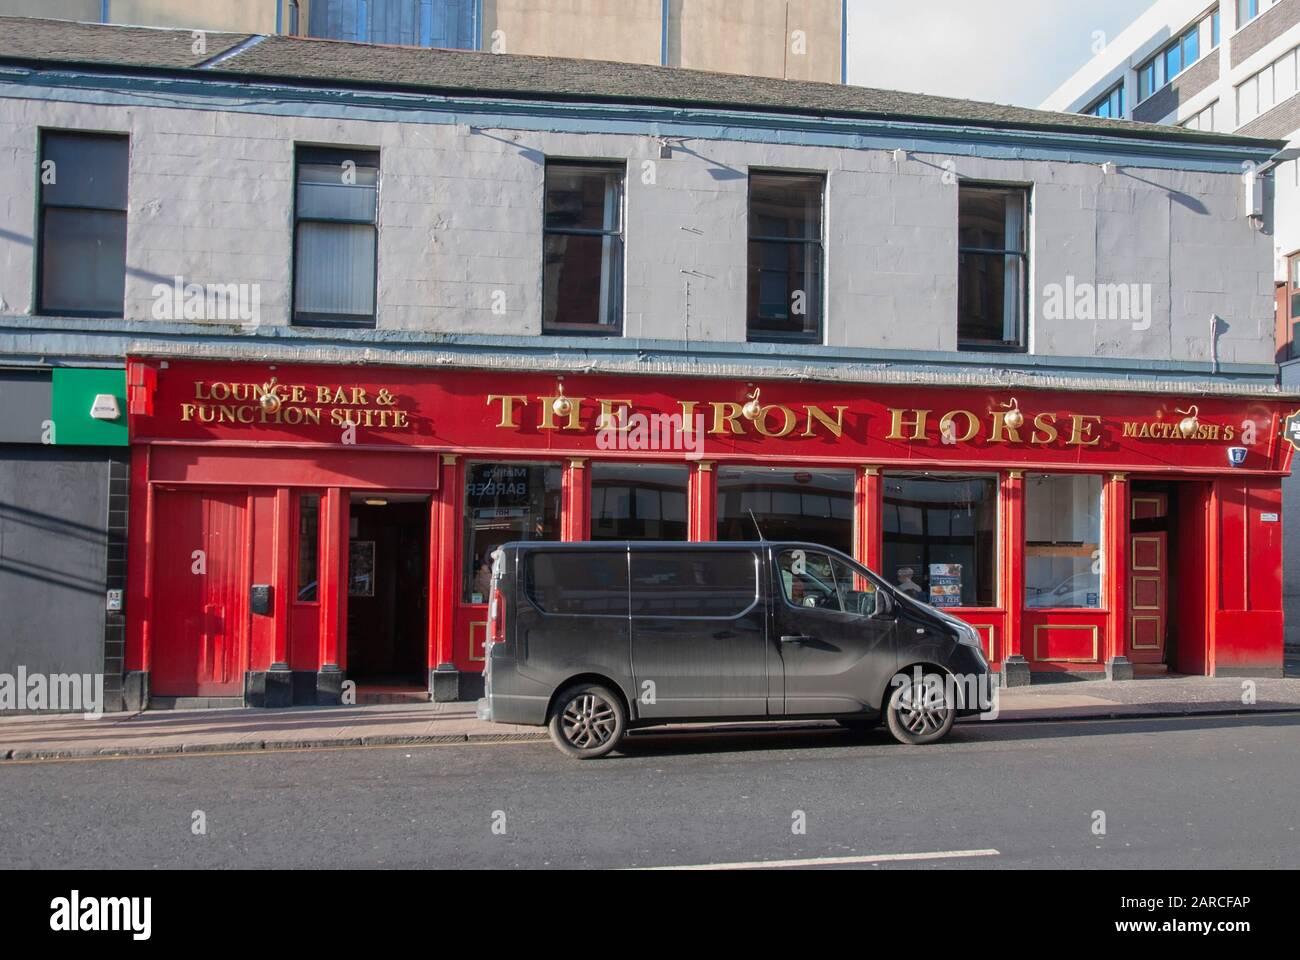 Emblématique Glasgow public House The Iron Horse West Nile Street Glasgow Ecosse Grande-Bretagne Grande-Bretagne Royaume-Uni vue extérieure rouge peint affaires commerciales Banque D'Images